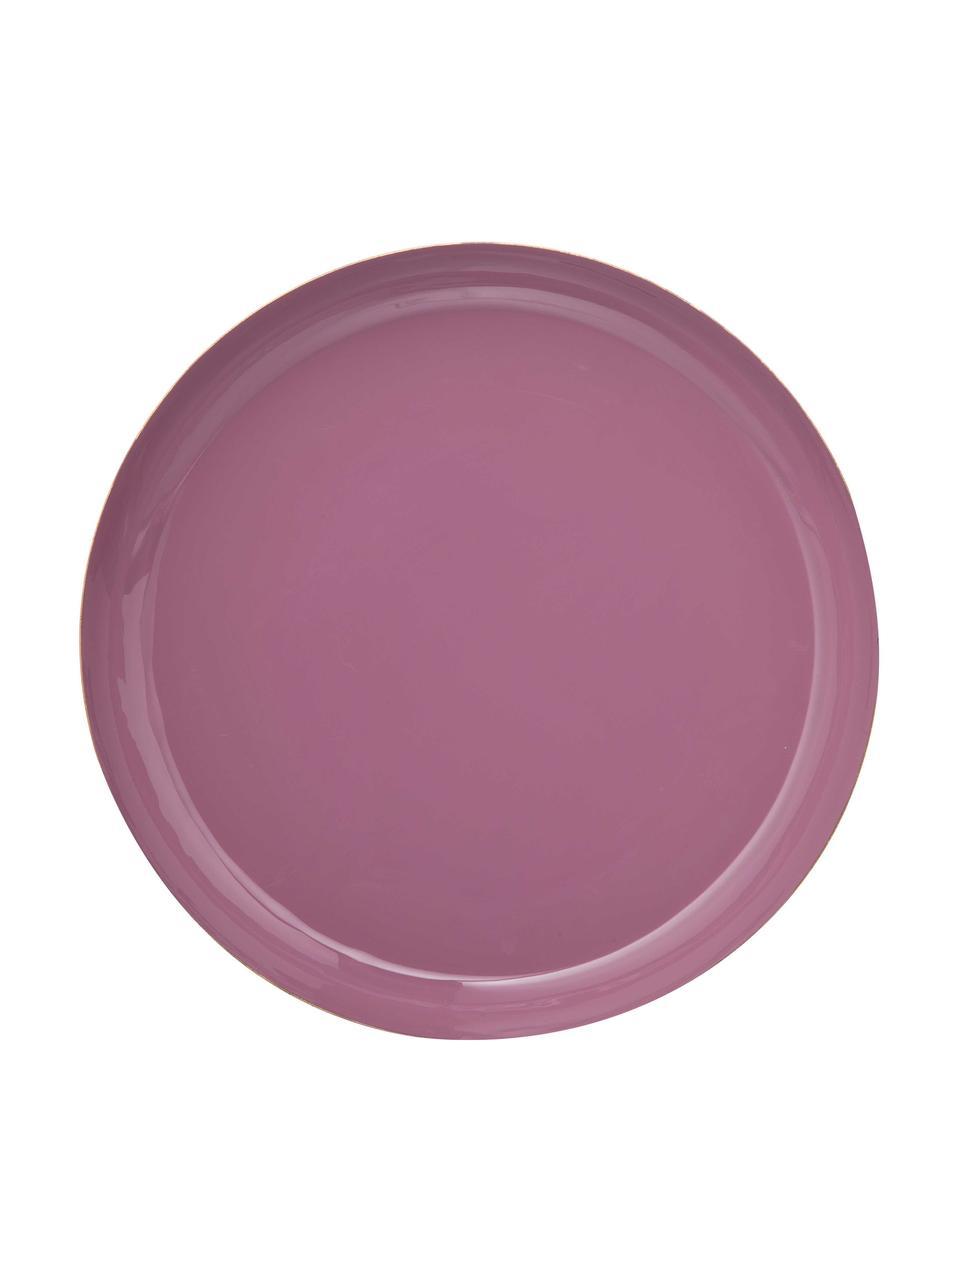 Plateau décoratif Minella, 3élém., Lilas, rose bonbon, rose Bord: couleur dorée